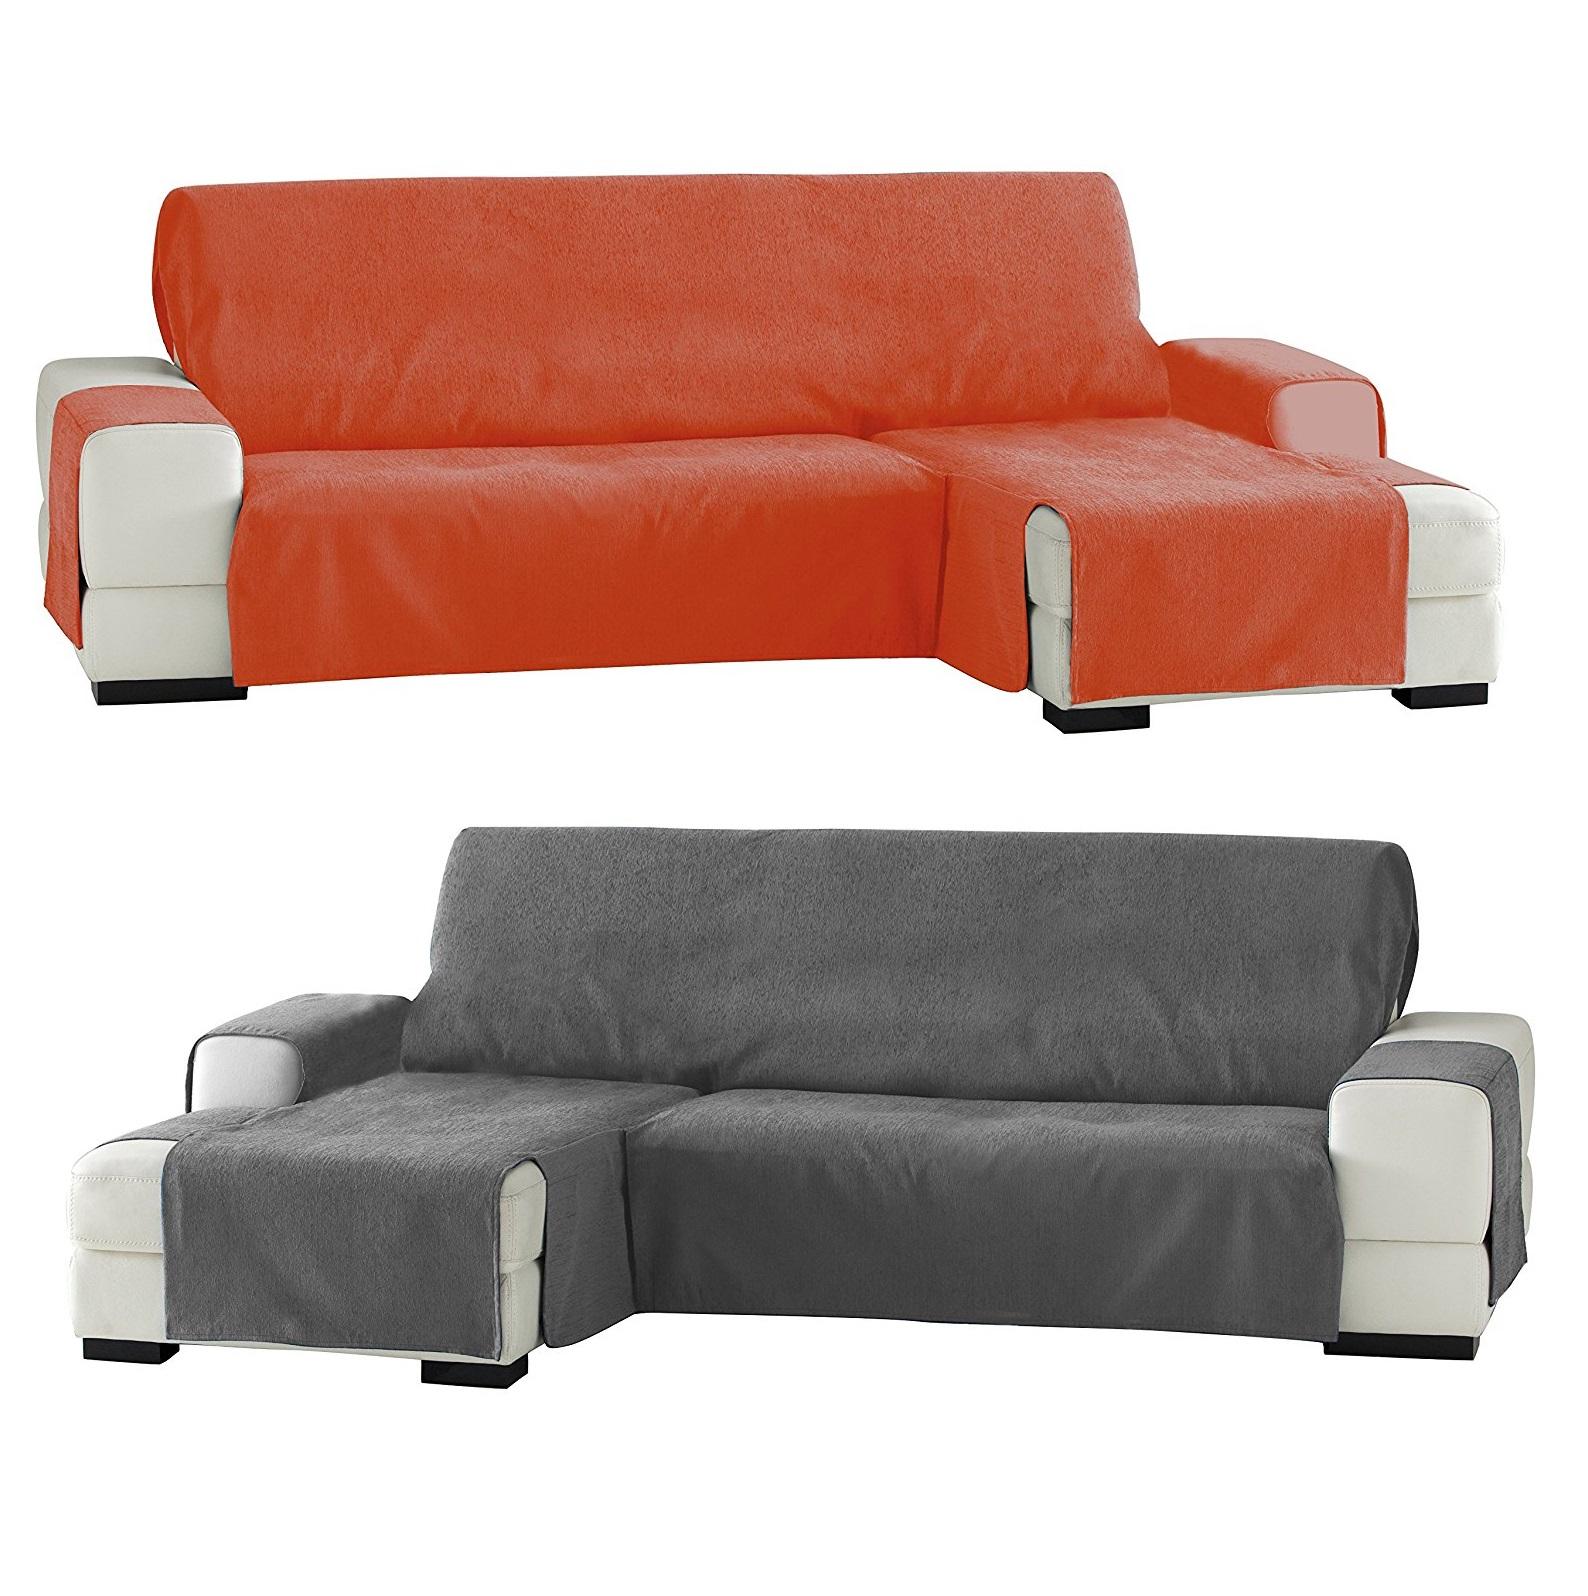 fundas para sofas en lugo leather and fabric in the same room funda sofá chaise longue guía de compra y análisis